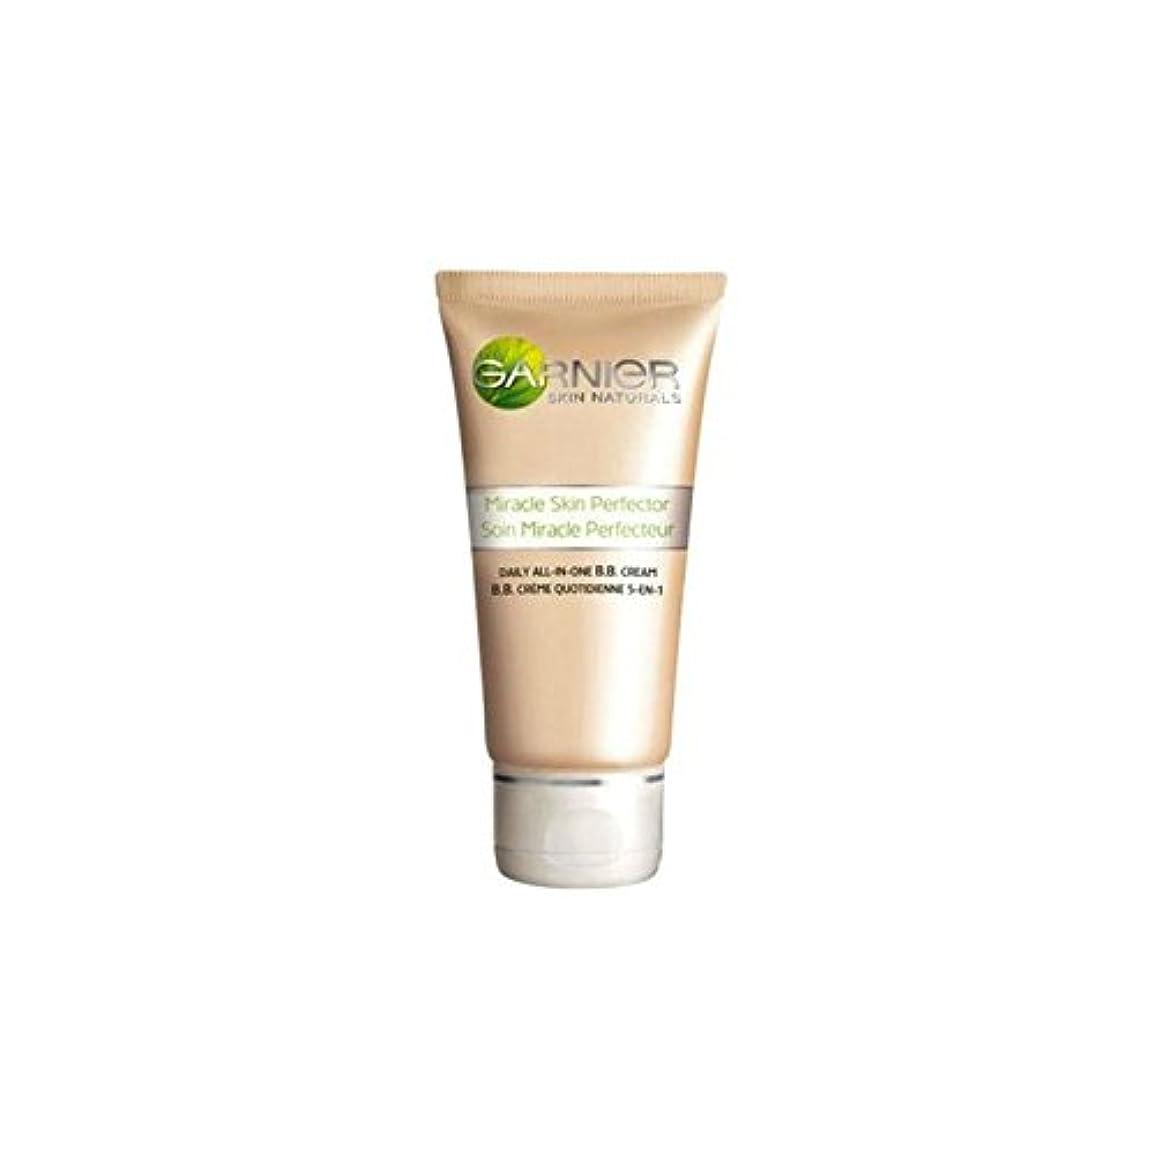 必需品妊娠した食品Garnier Original Medium Bb Cream (50ml) (Pack of 6) - ガルニエオリジナル媒体クリーム(50)中 x6 [並行輸入品]